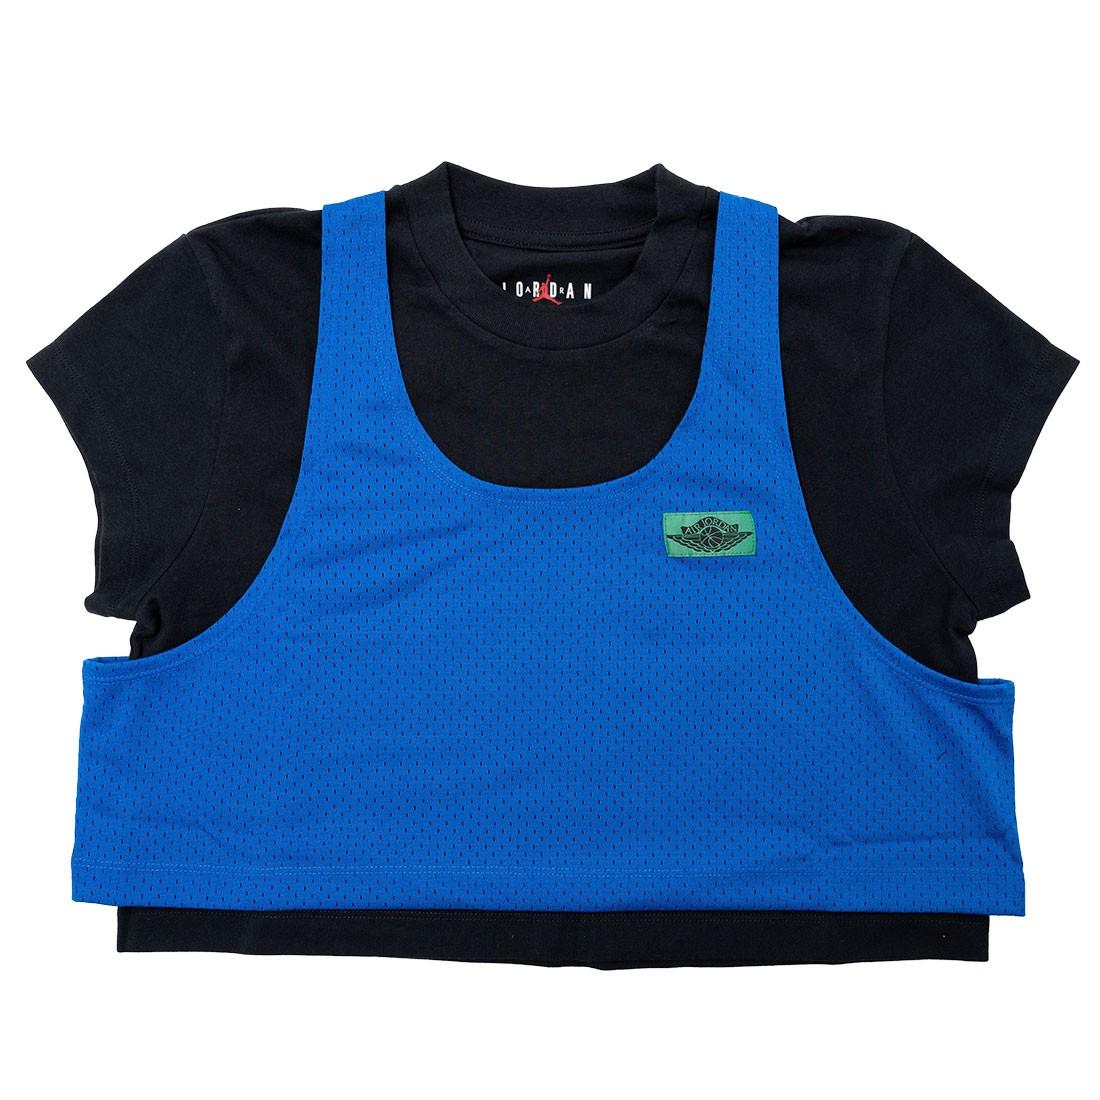 Jordan Women x Aleali May Layered Top Tee (black / game royal / pine green)